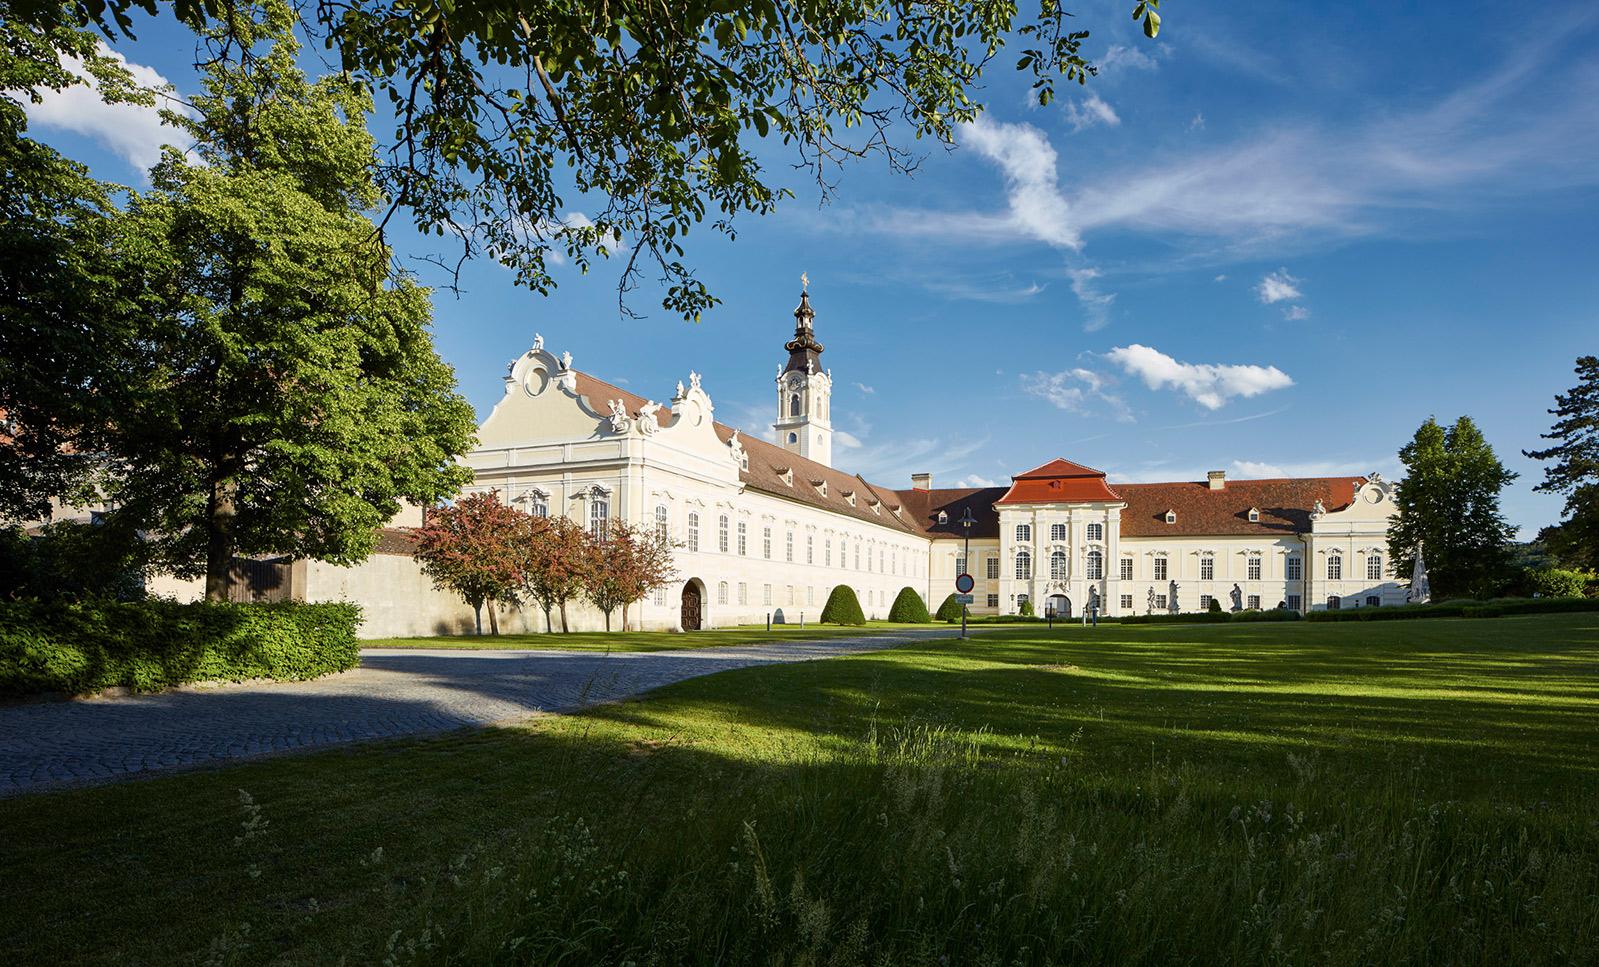 Altenburg Abbey